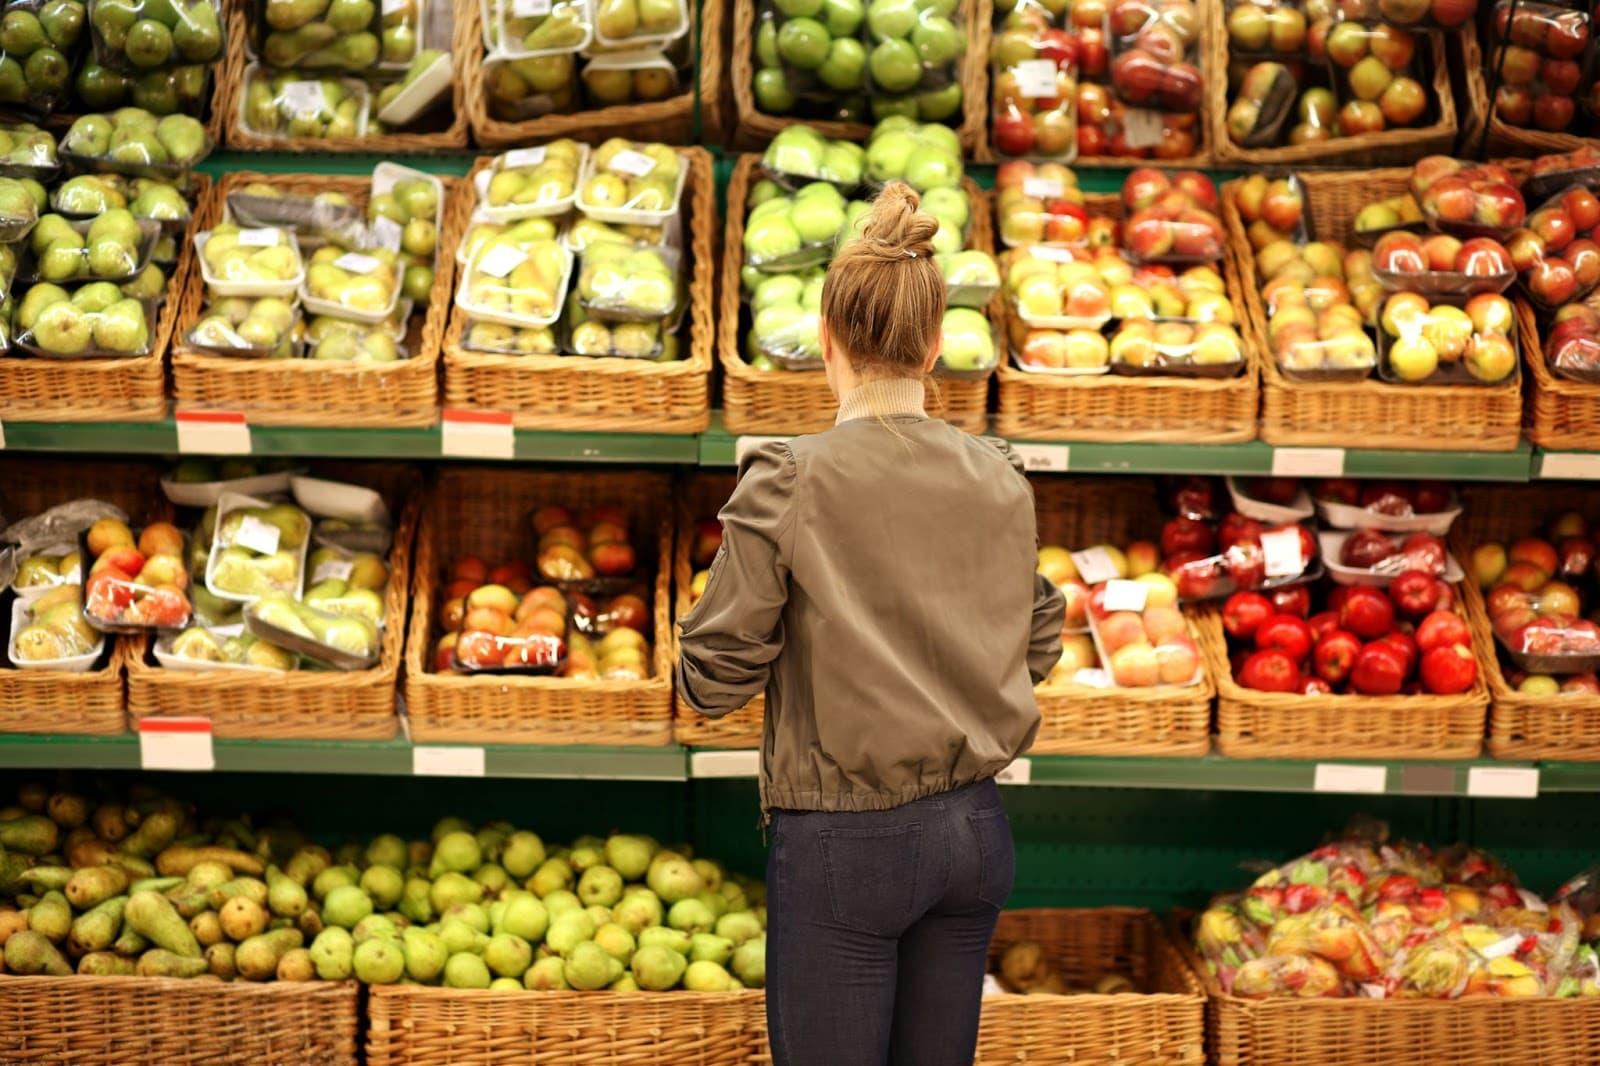 Lista de hortifrúti: conheça os alimentos indispensáveis!